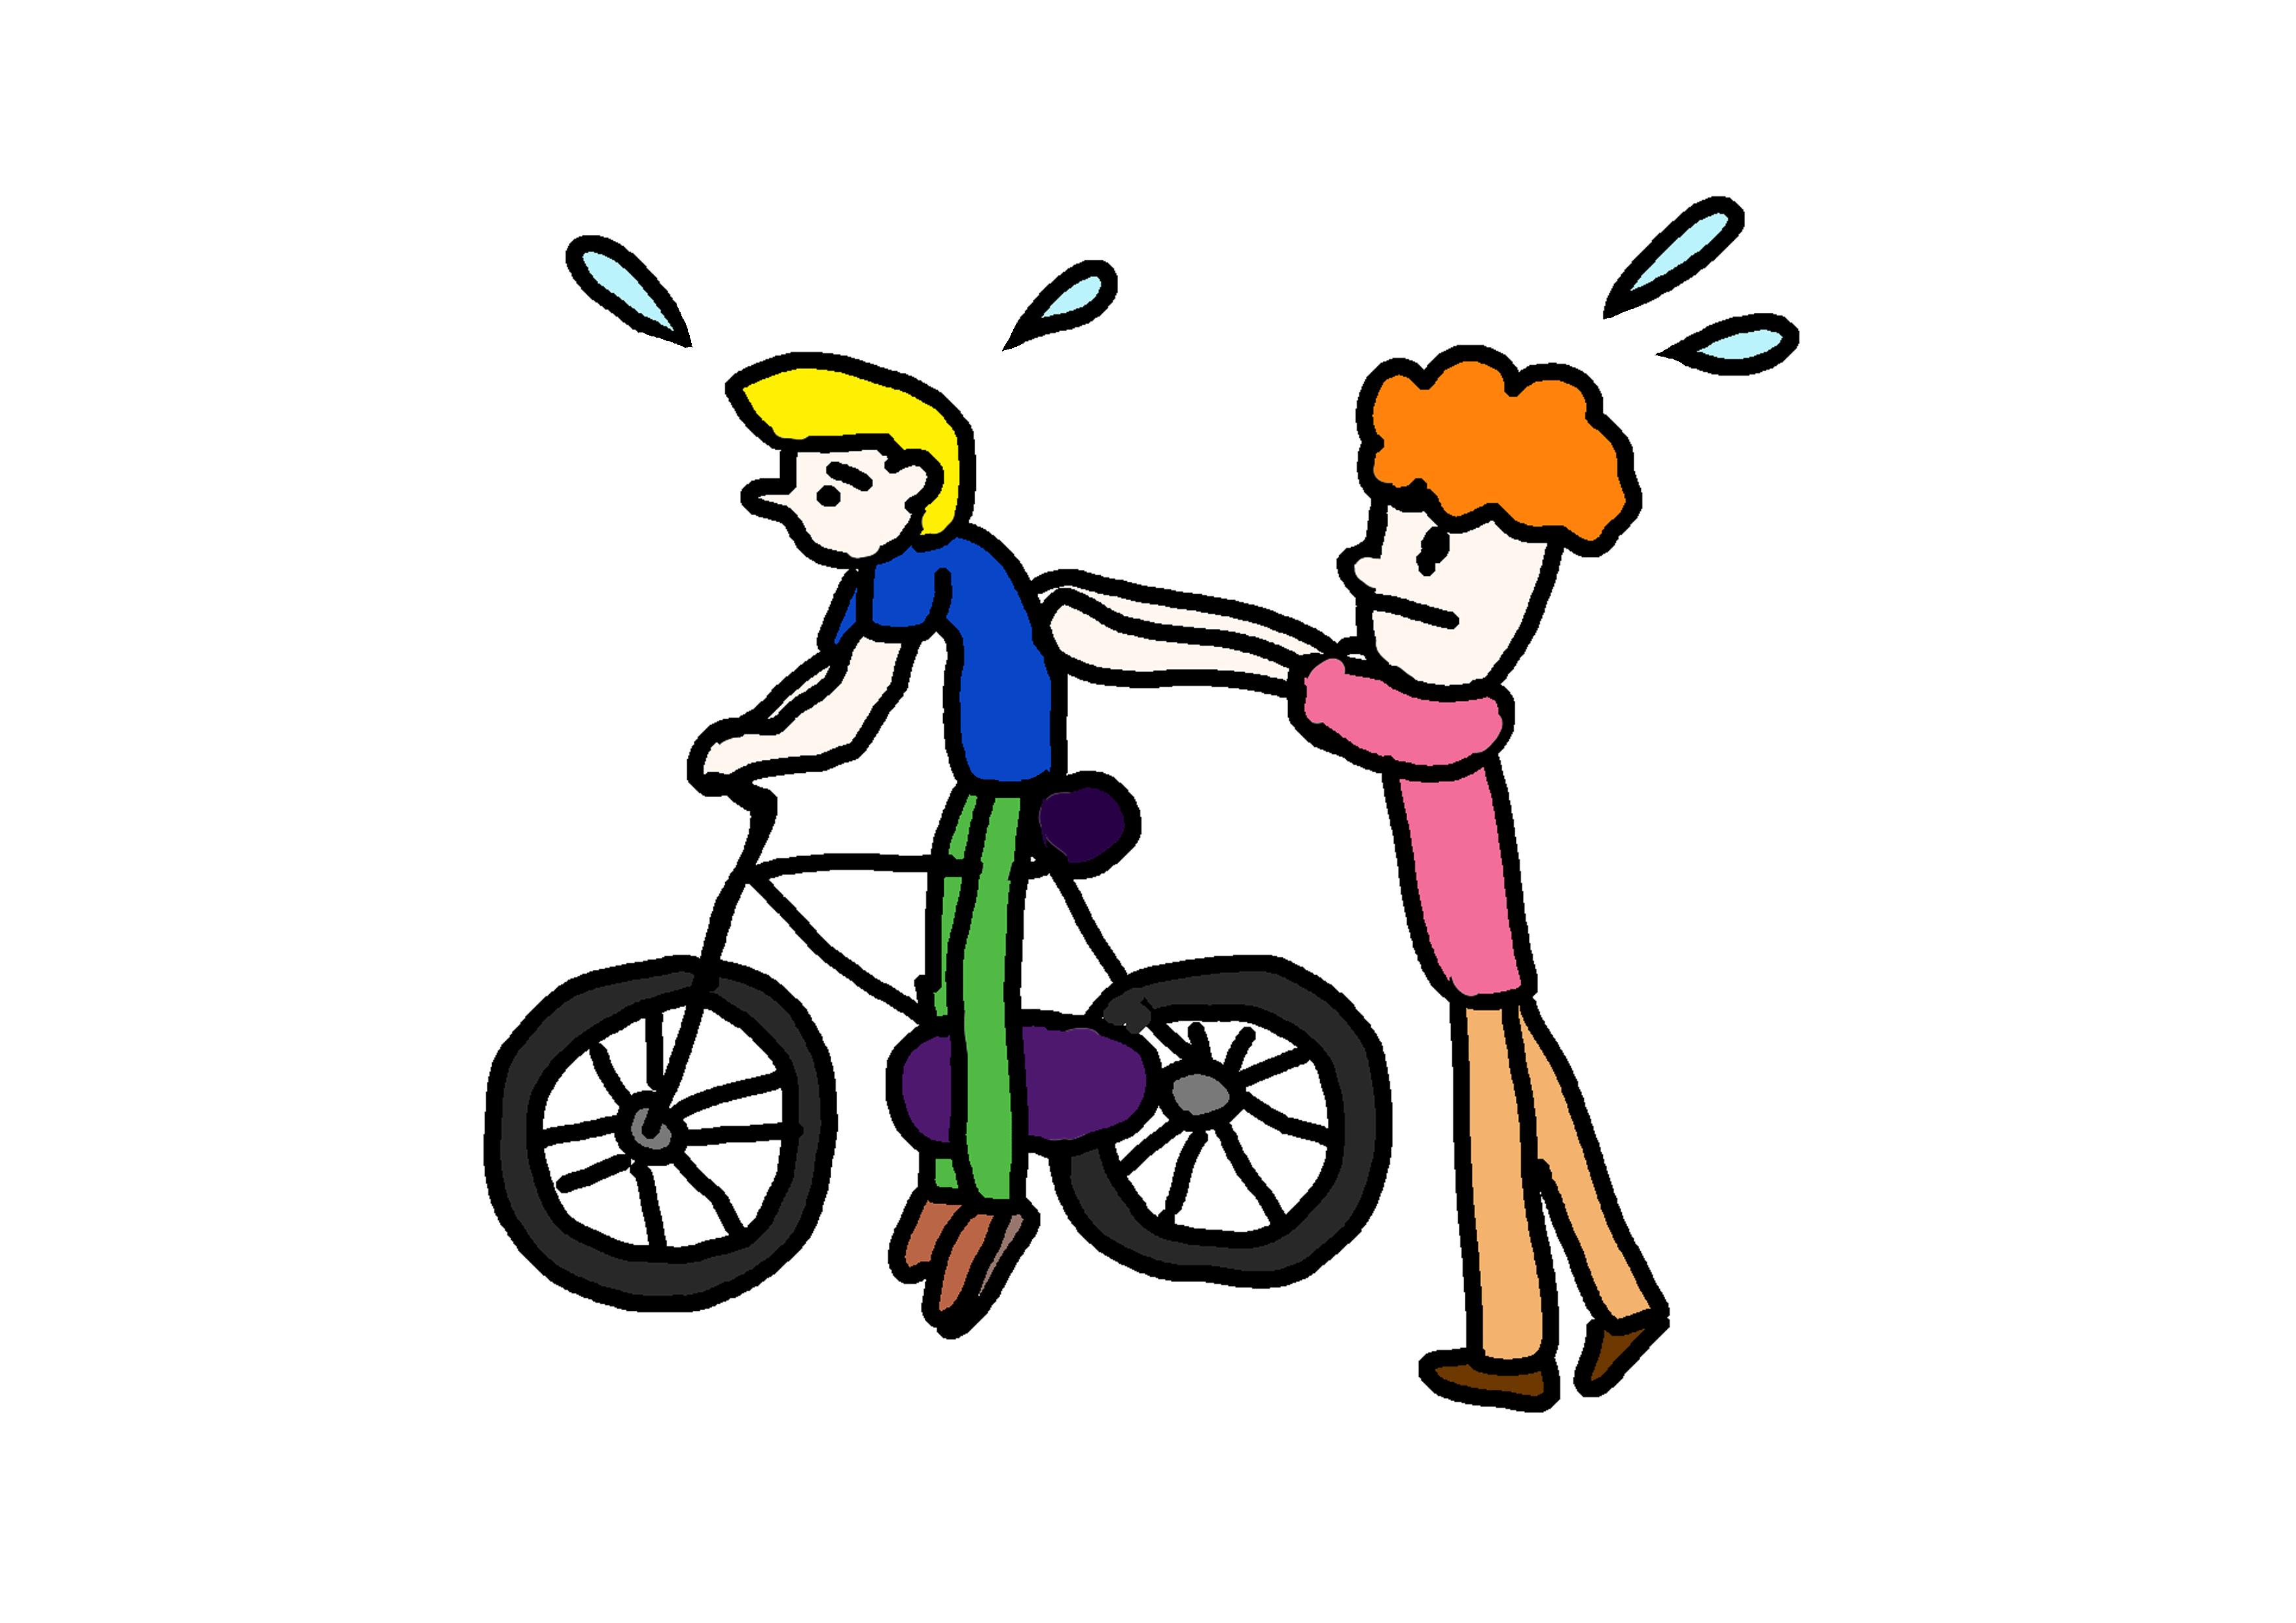 イラスト無料素材 自転車に乗る にほんご教師ピック